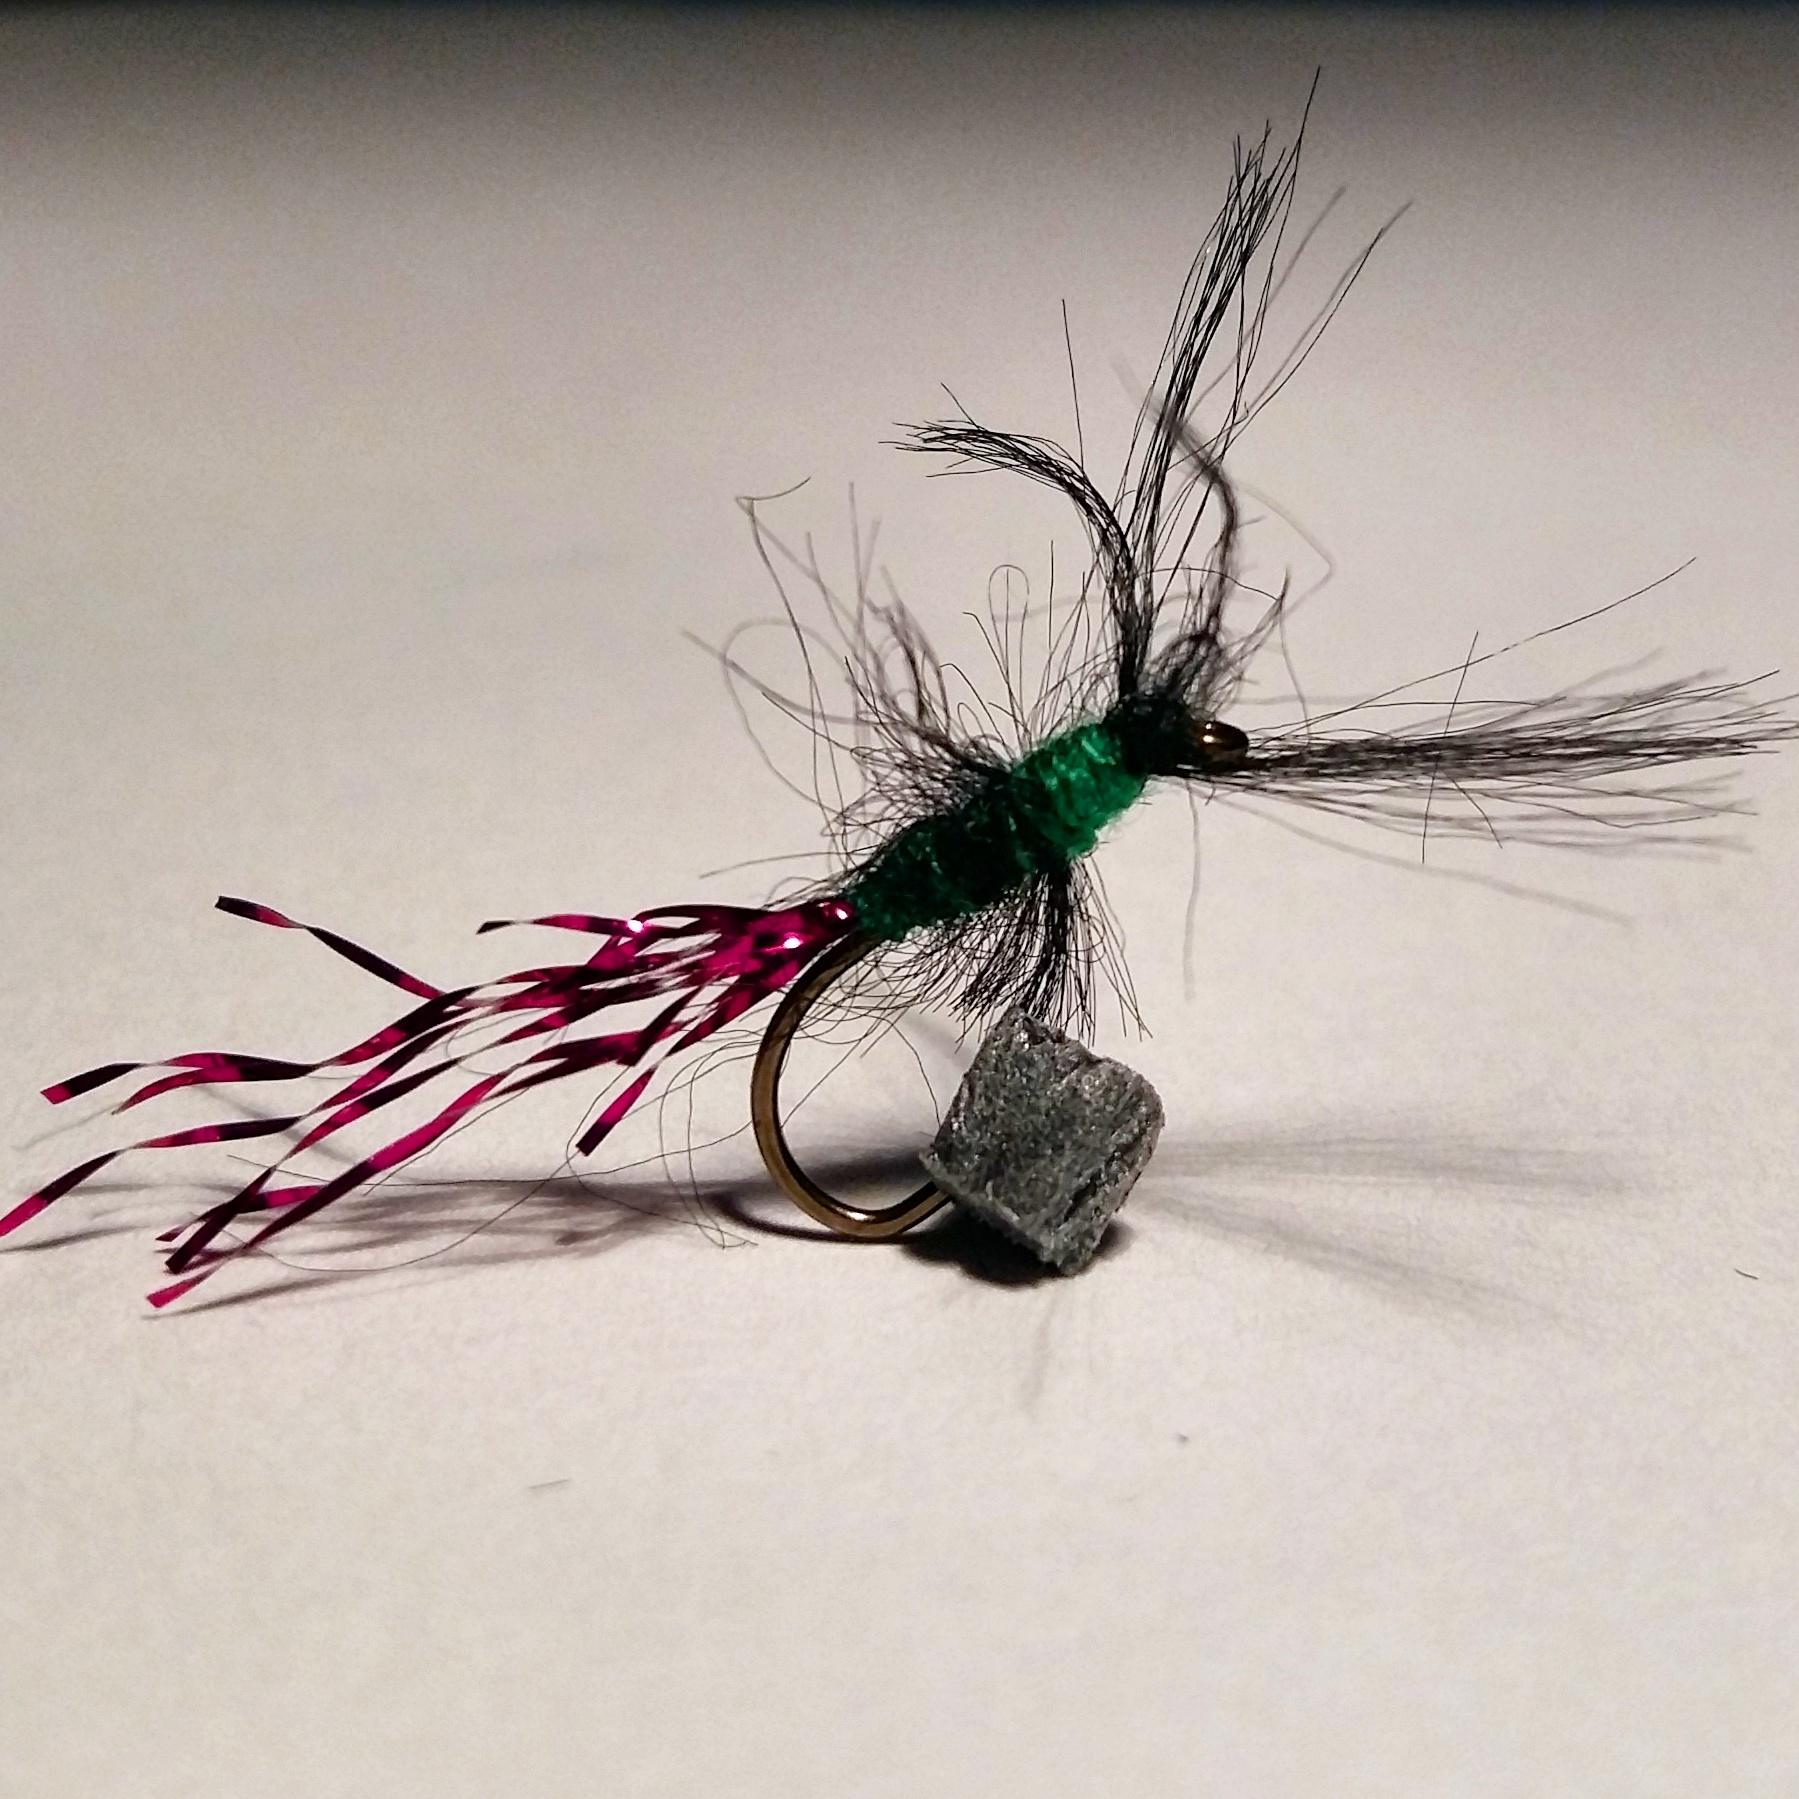 flyfishing LM 11